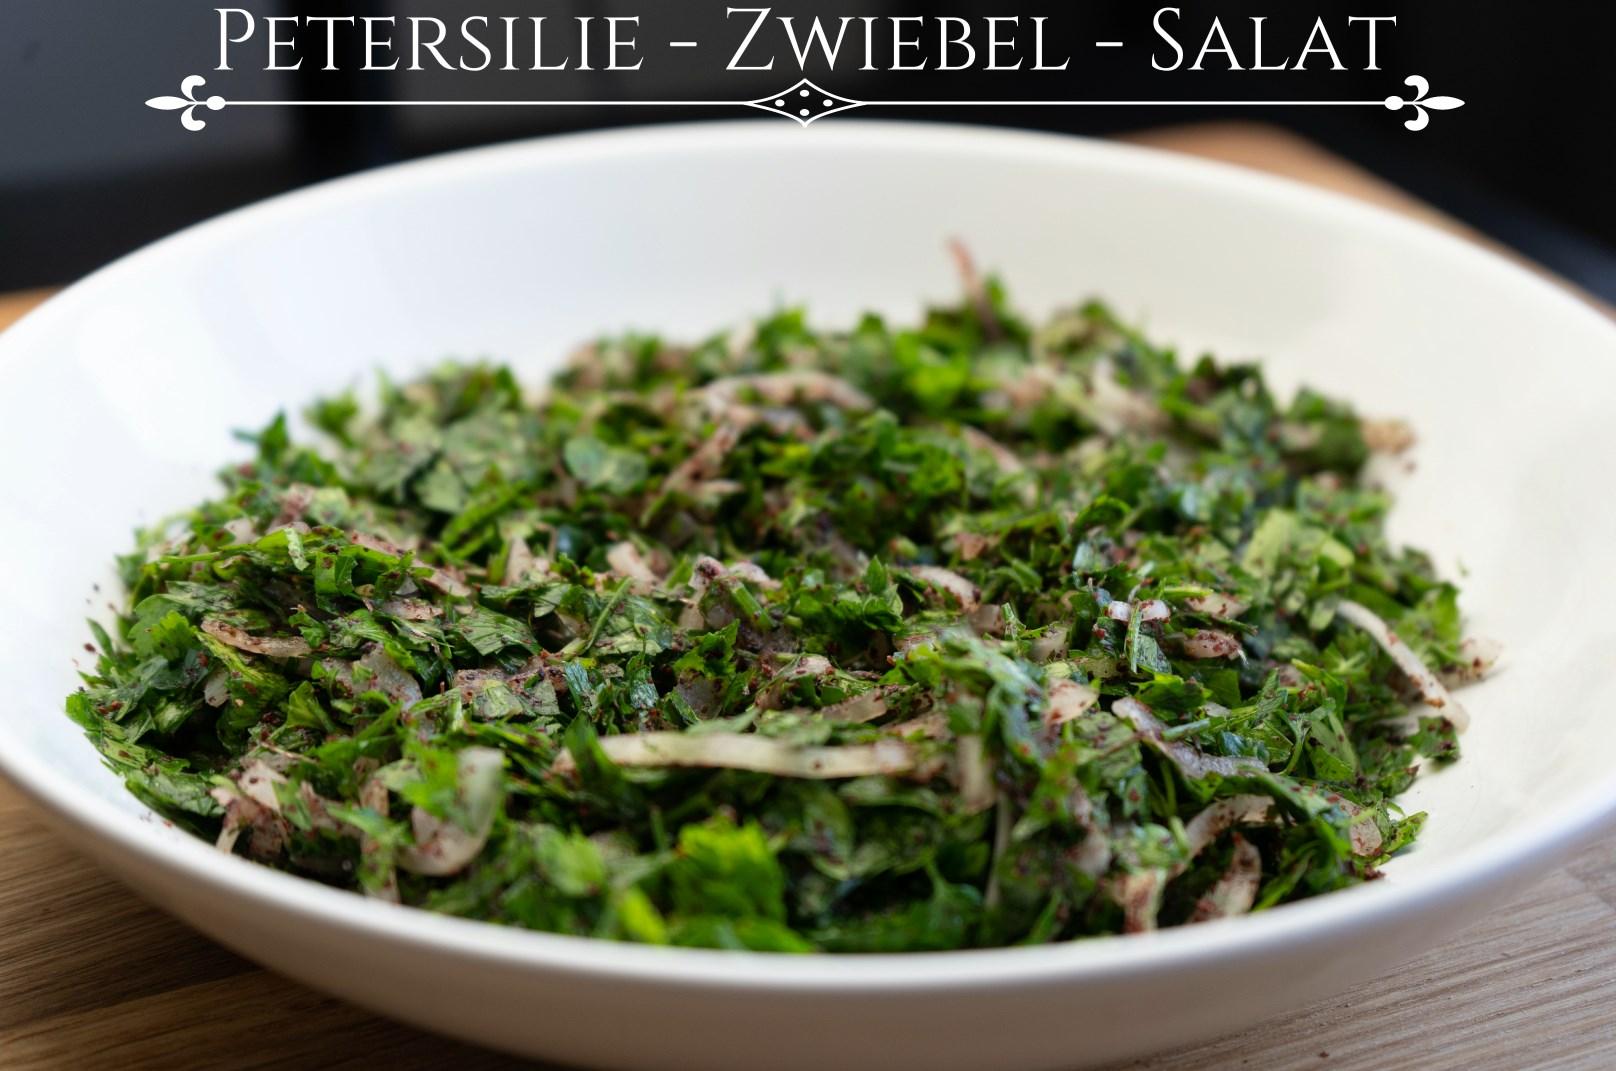 Petersilien-Zwiebel-Salat